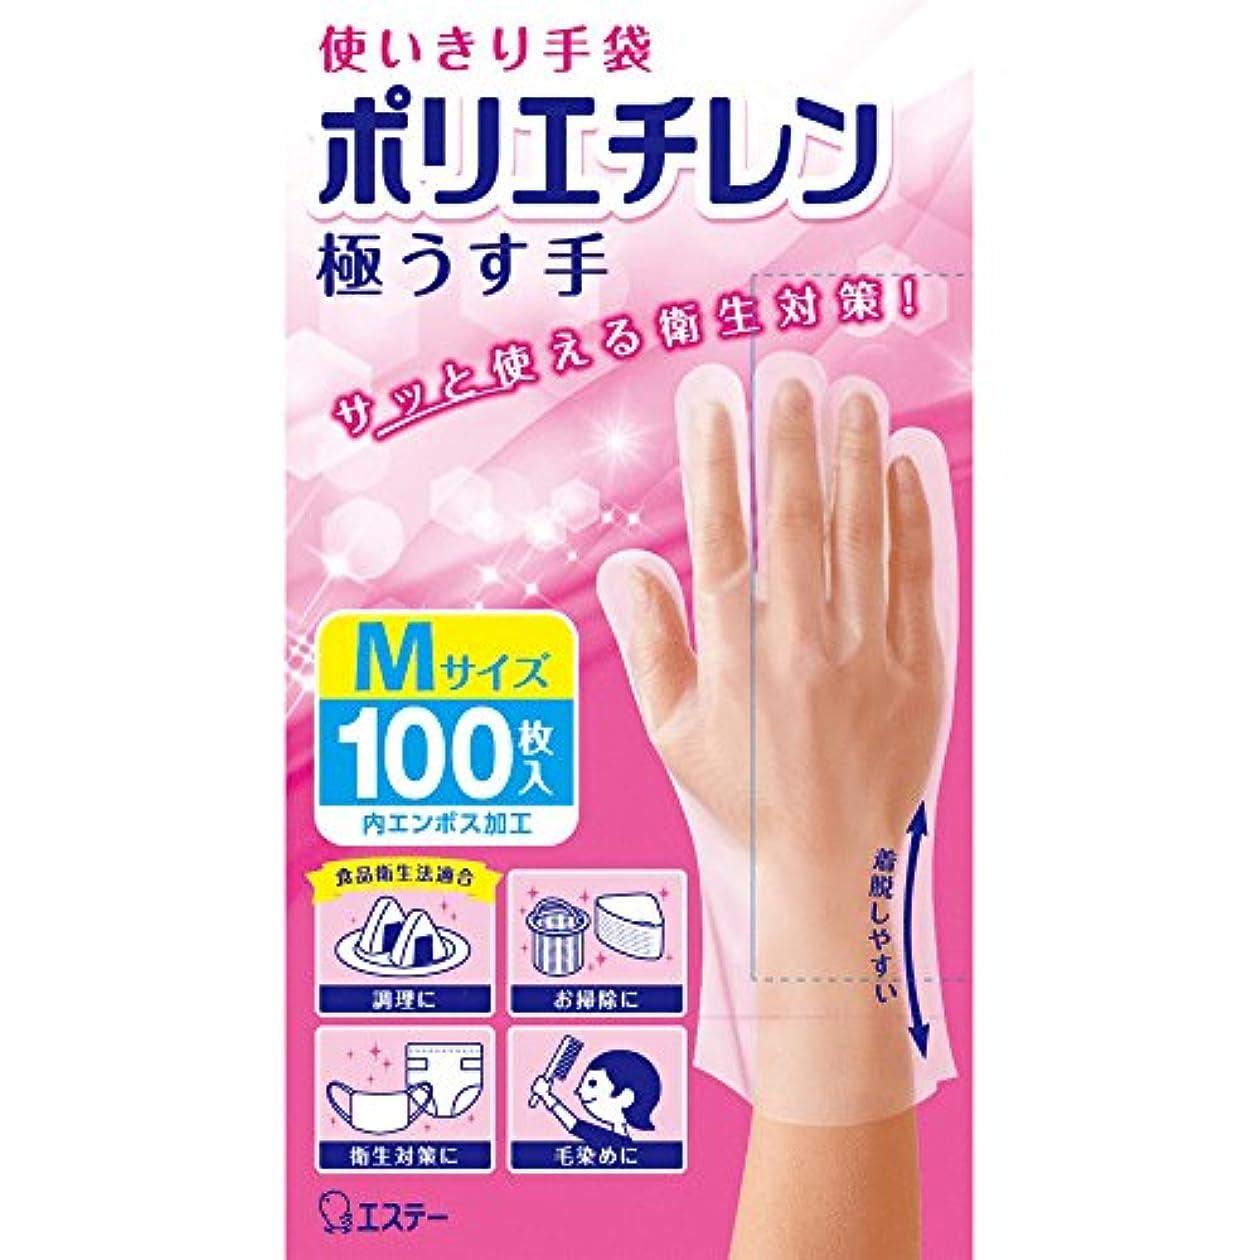 正確ささびた時使いきり手袋 ポリエチレン 極うす手 Mサイズ 半透明 100枚